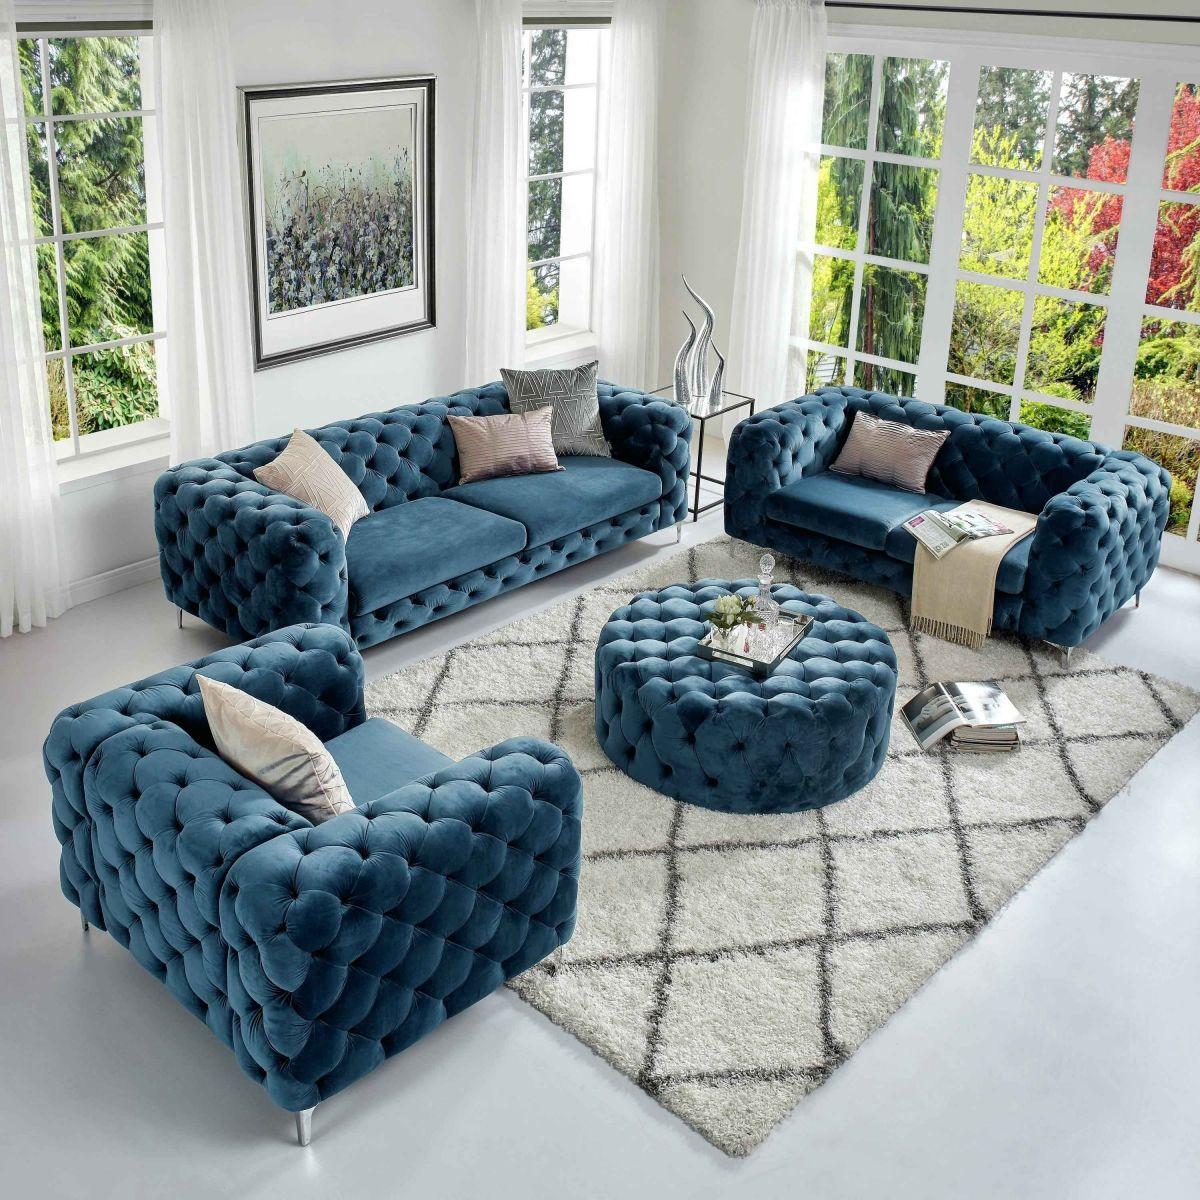 Cập nhật giá bán bộ bàn ghế sofa tân cổ điển giá rẻ